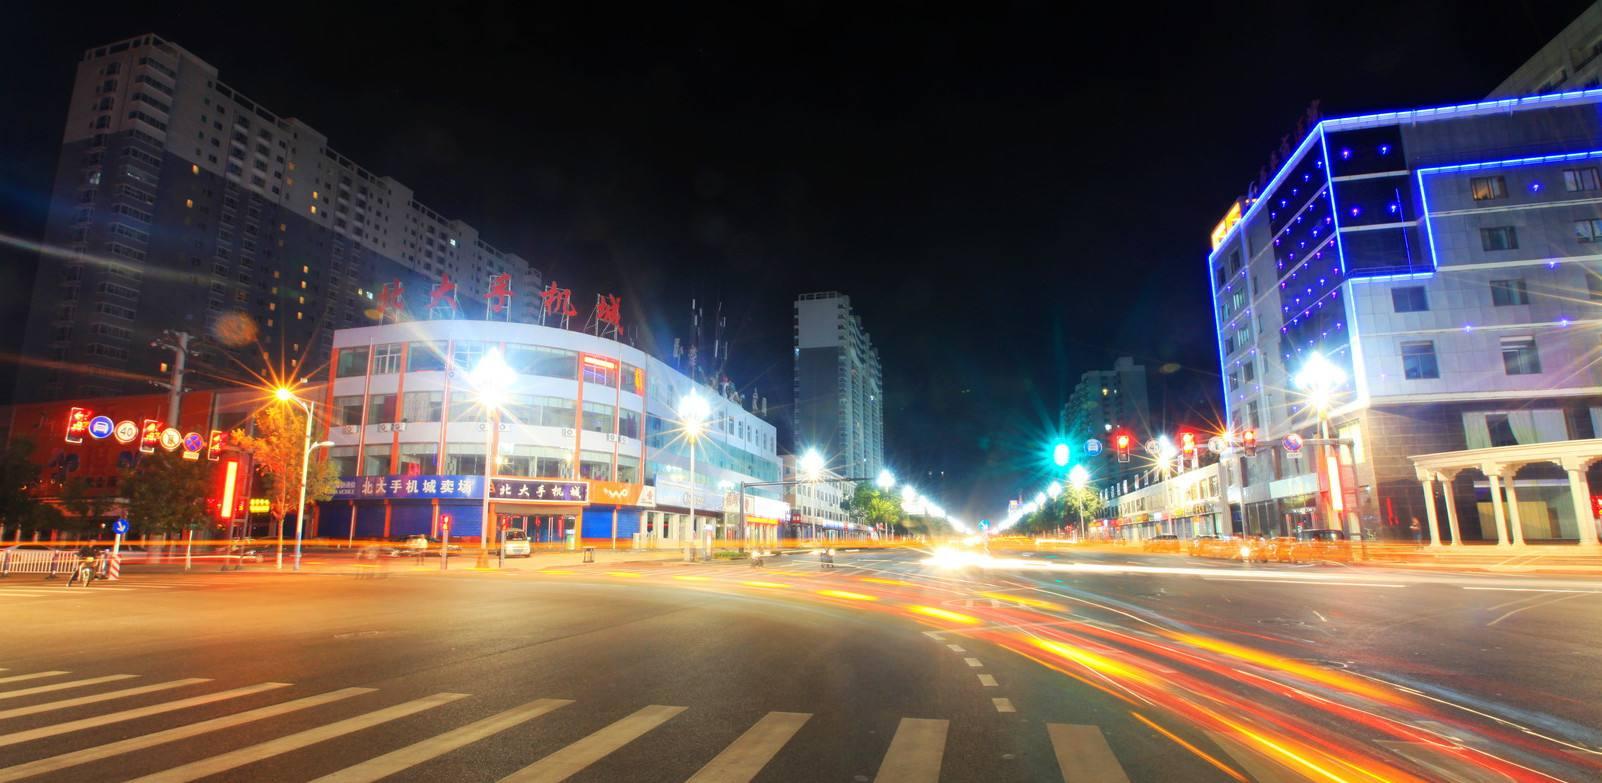 原平经济技术开发区